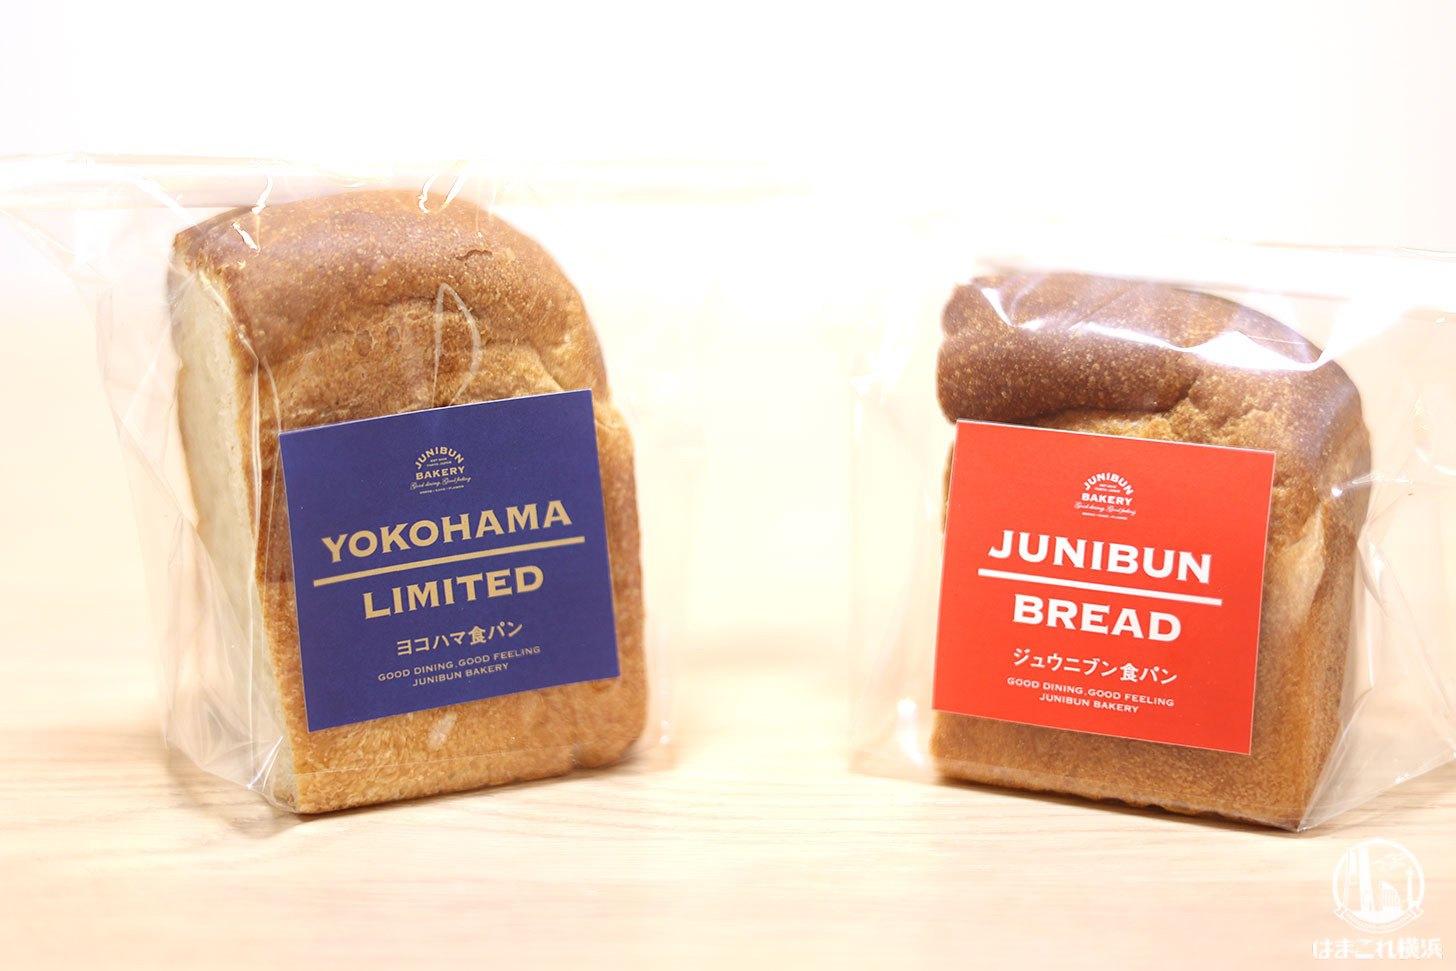 ジュウニブン食パンと横浜限定食パン